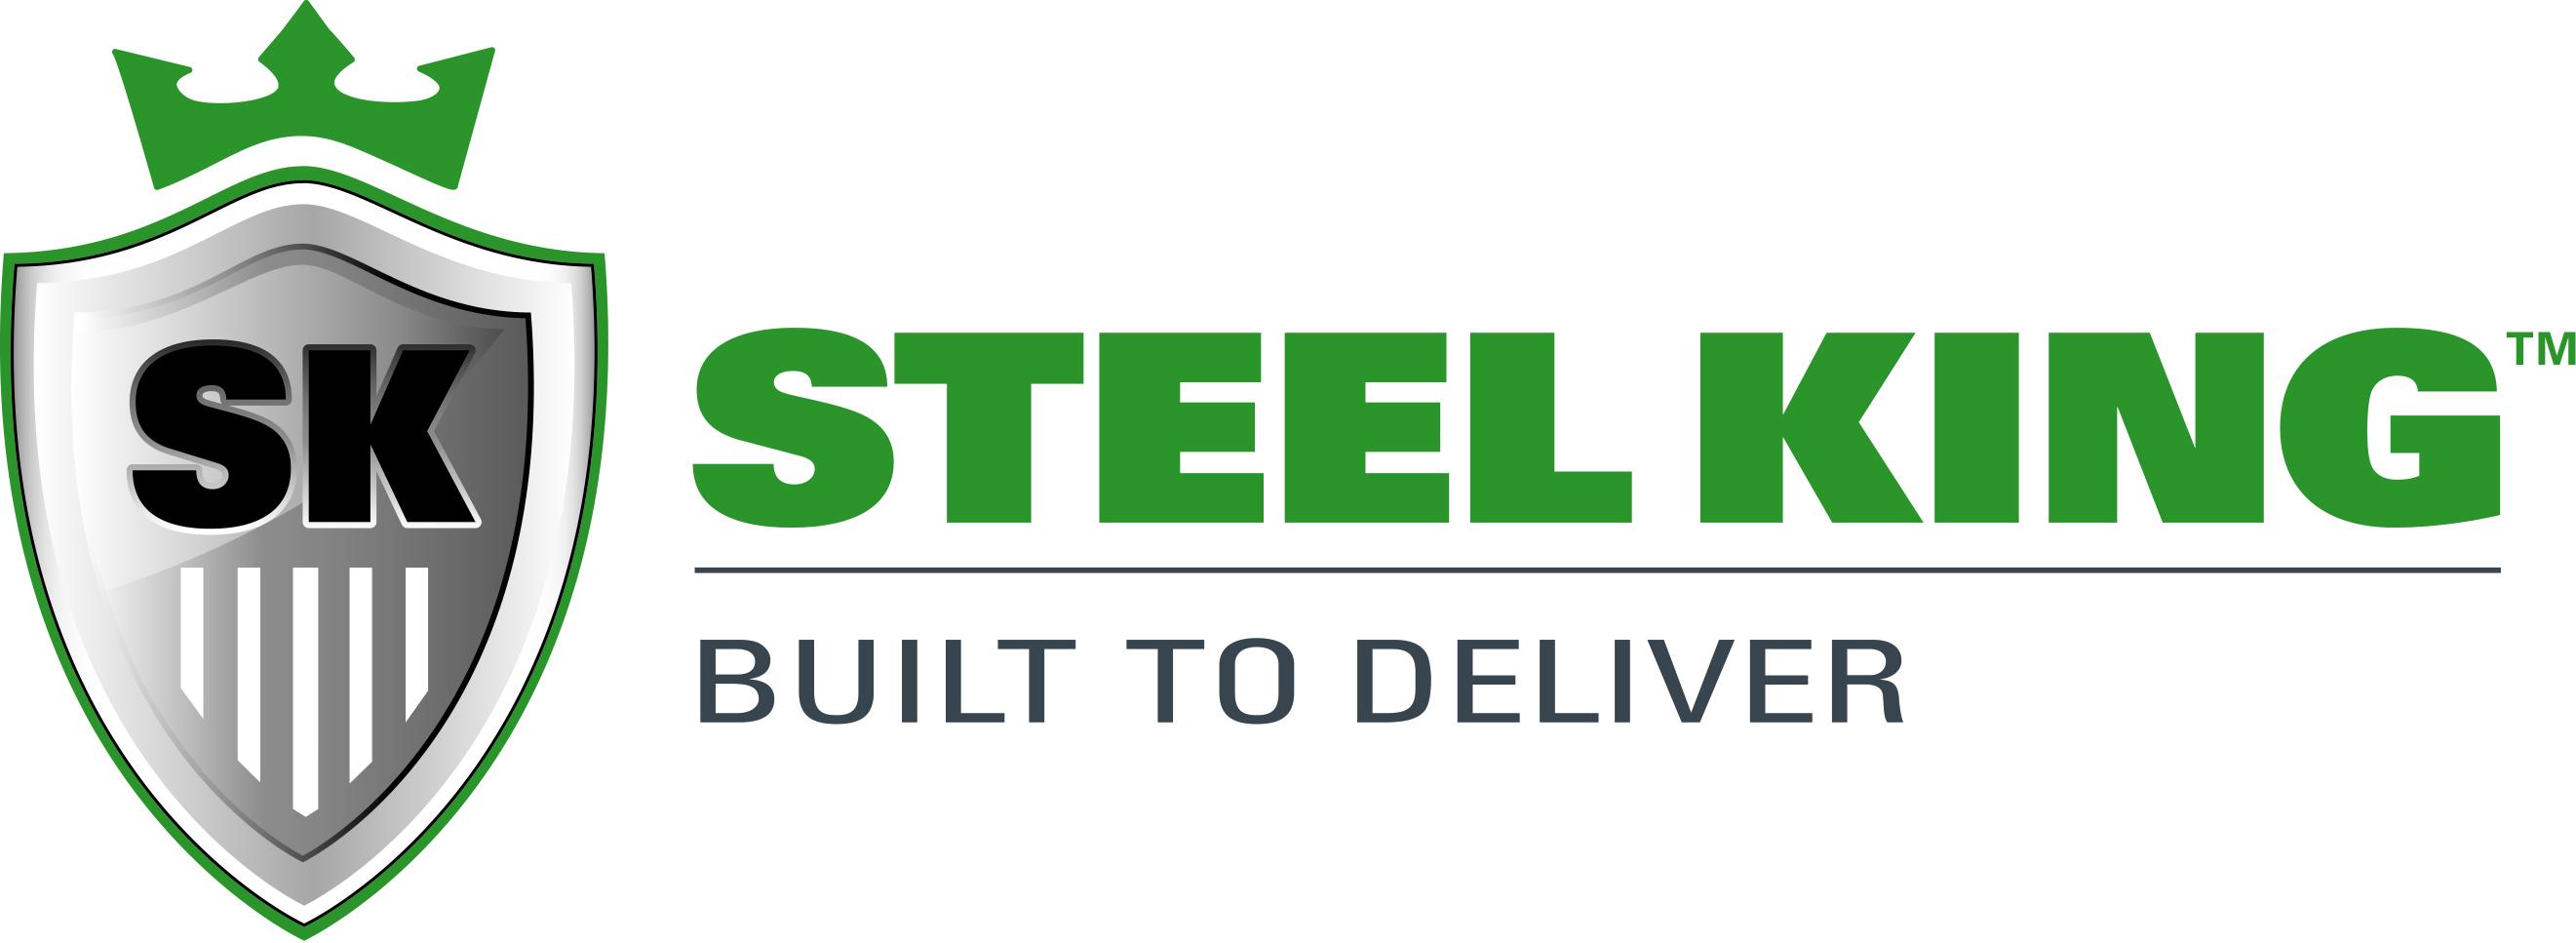 Steel King